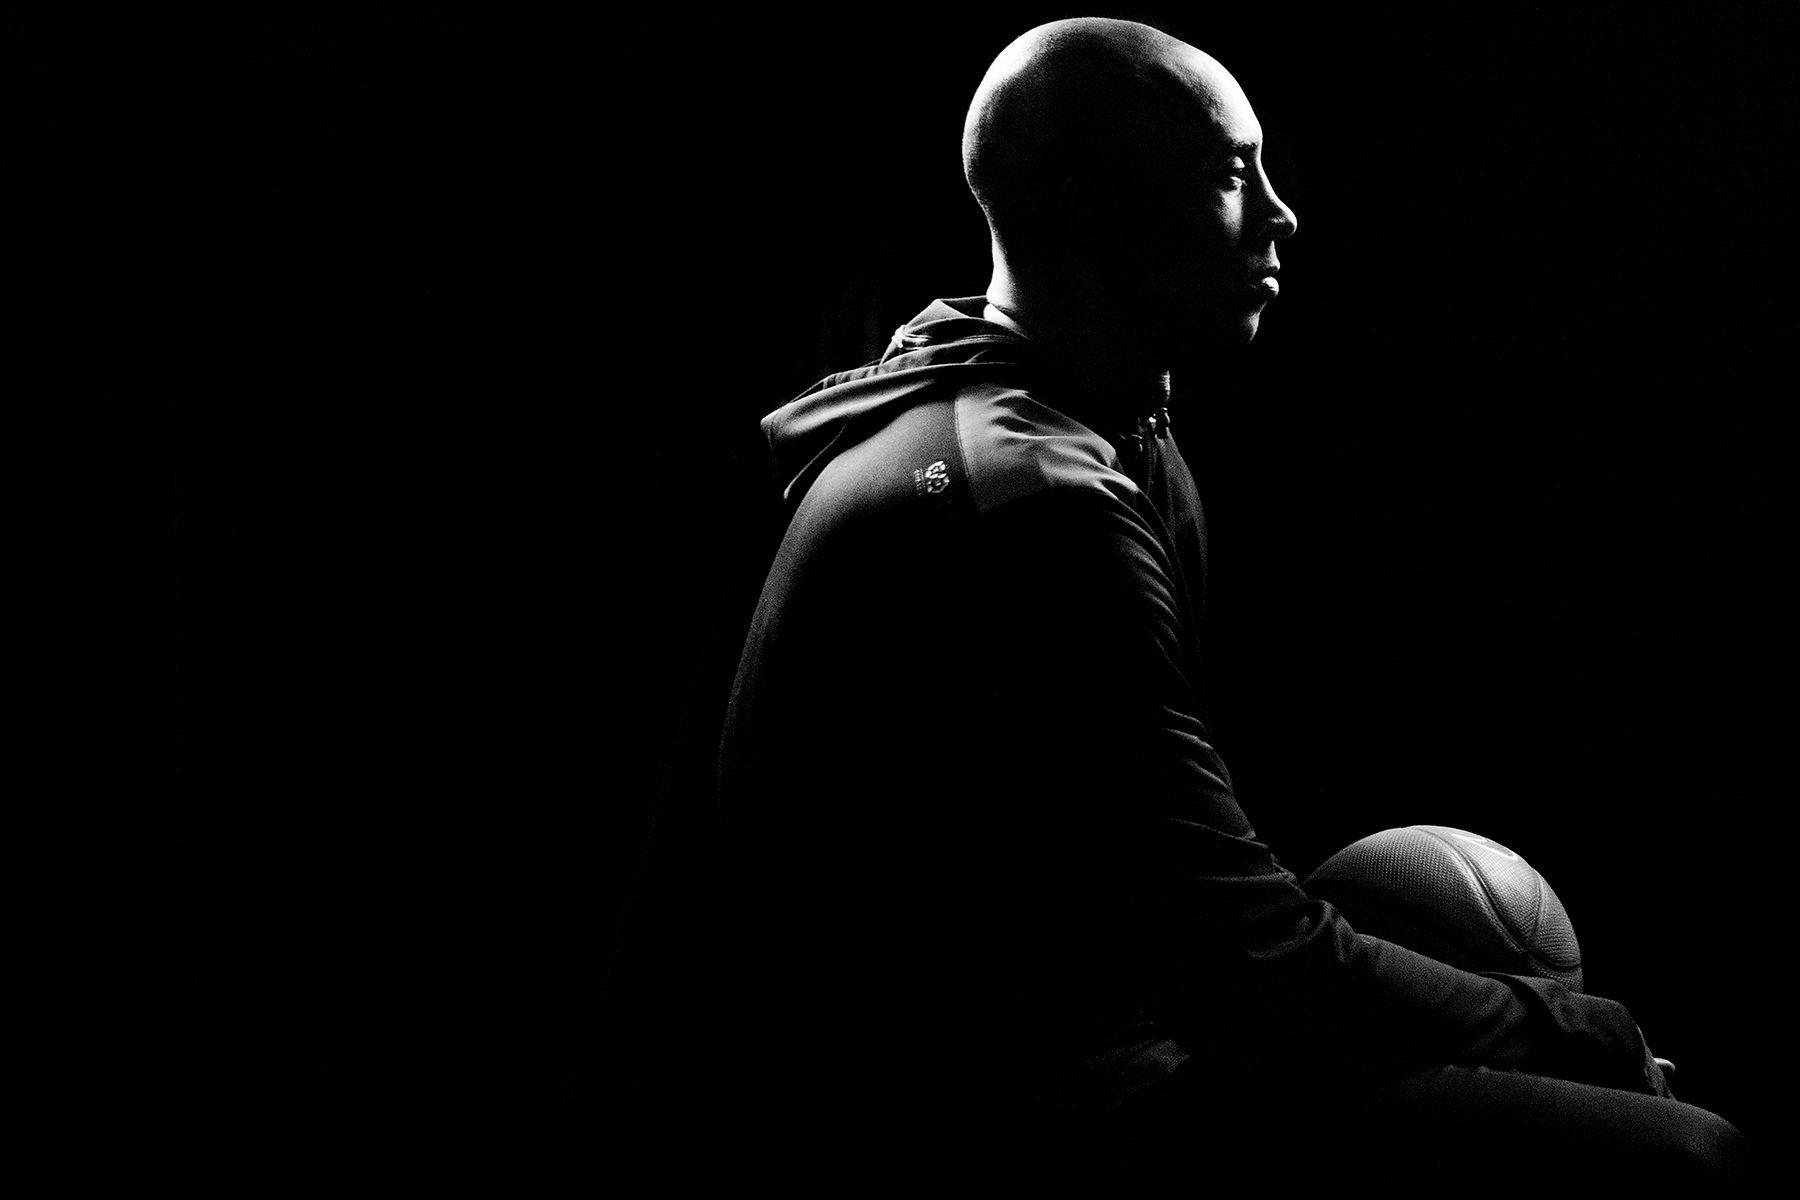 Kobe Bryant Black